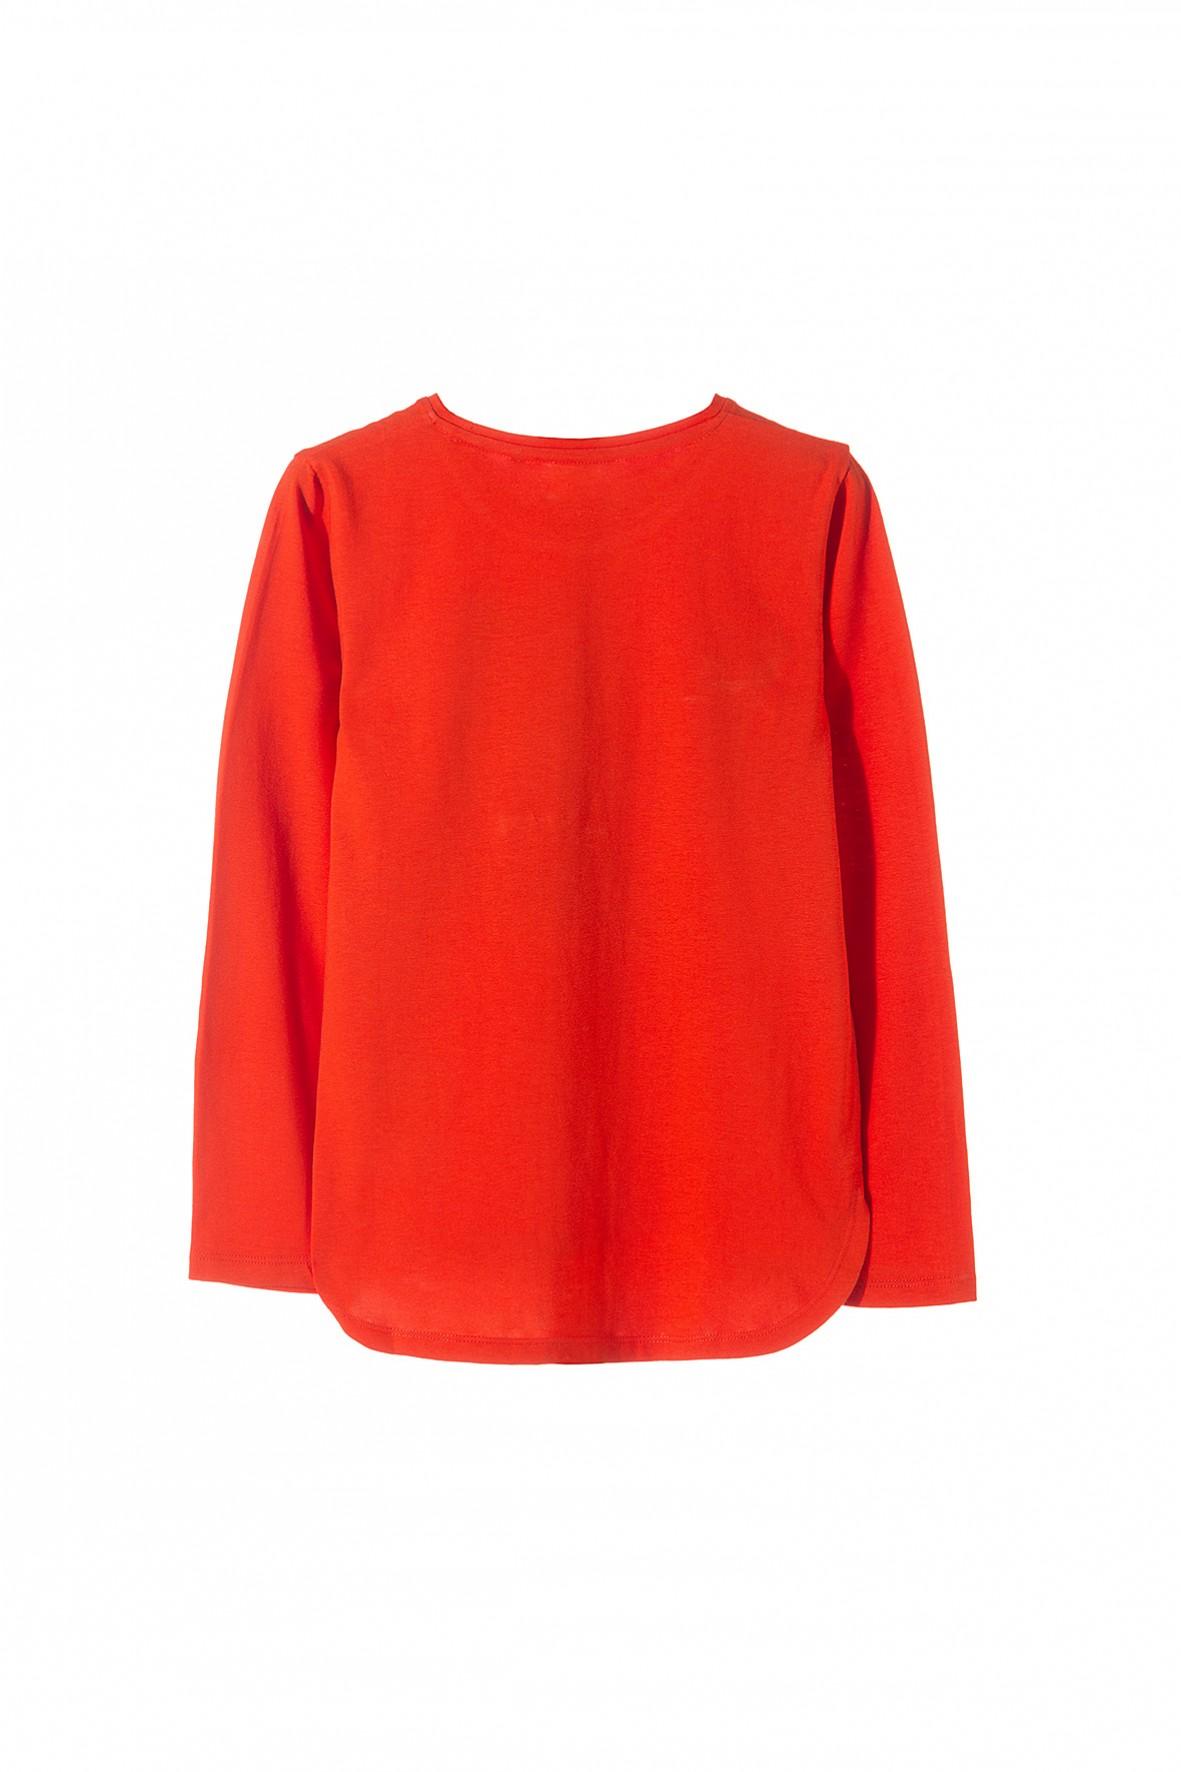 Czerwona Bluzka Z Długim Rękawem Dla Dziewczynki W Wieku Szkolnym Wykonana Z Cienkiej Dzianiny